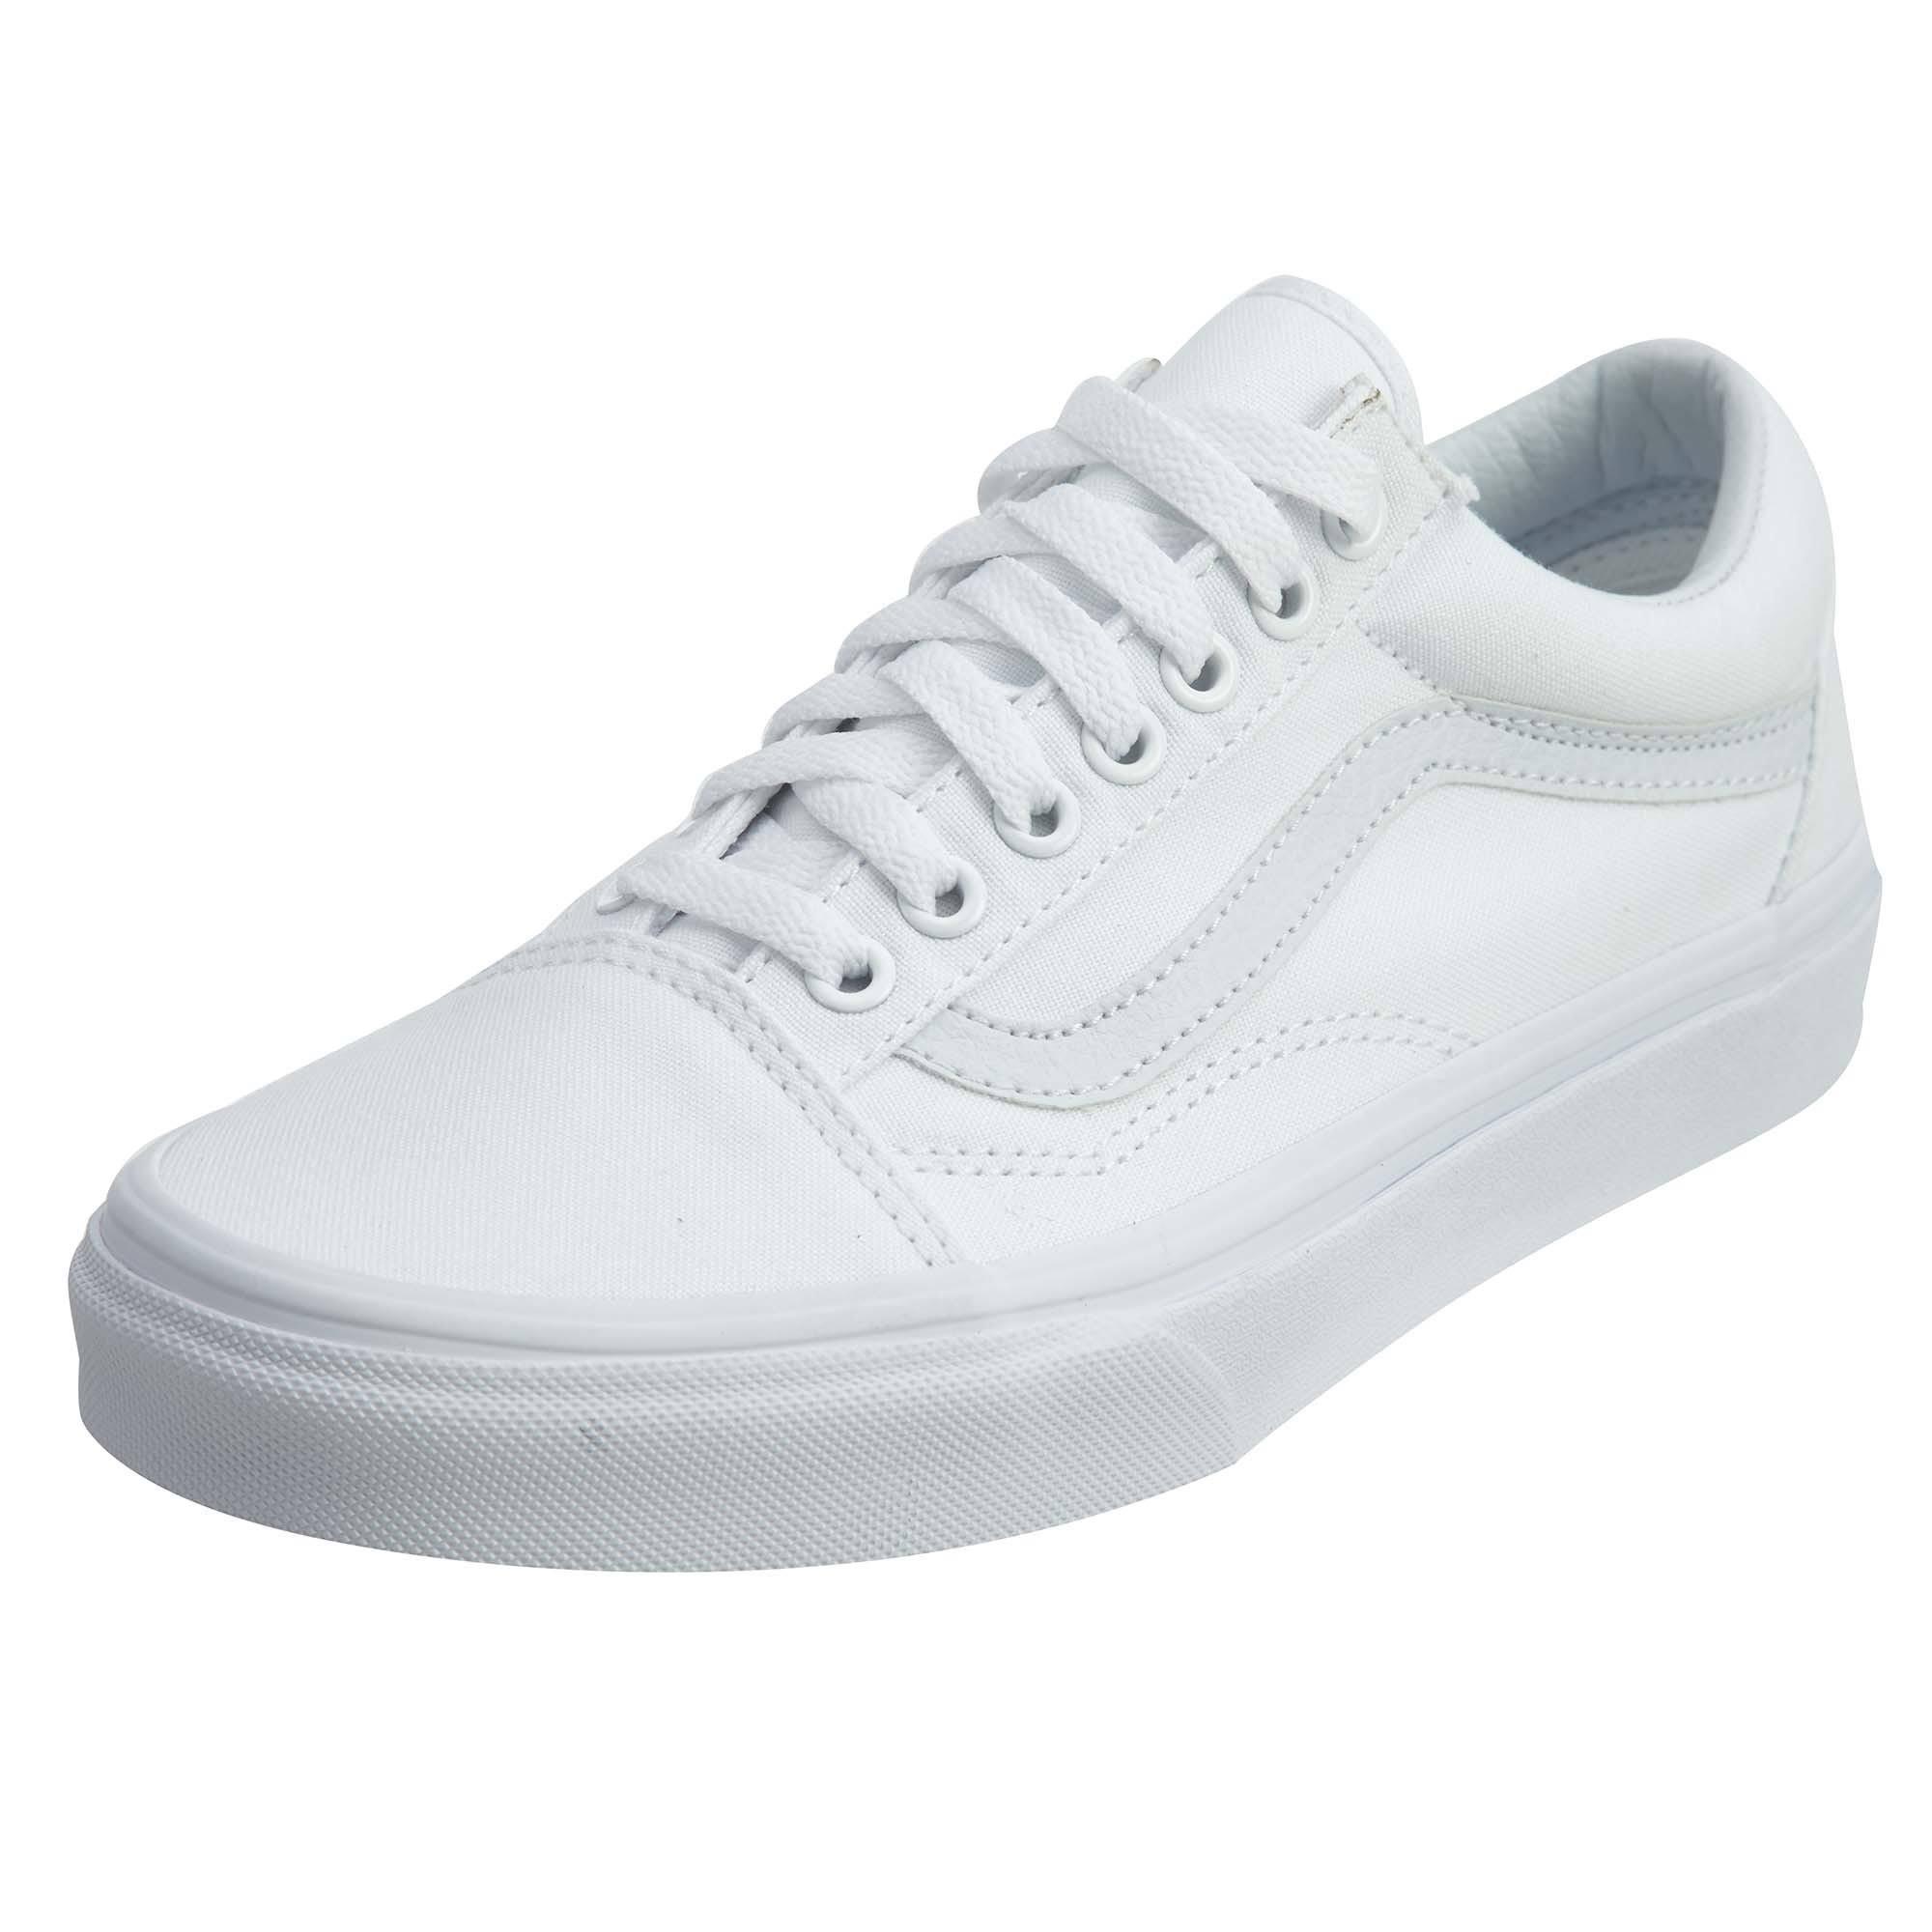 5 Weiß Größe Schuhe Skool Vn000d3hw00 6 Grundschule Old Jungen Vans qAWgFf7g